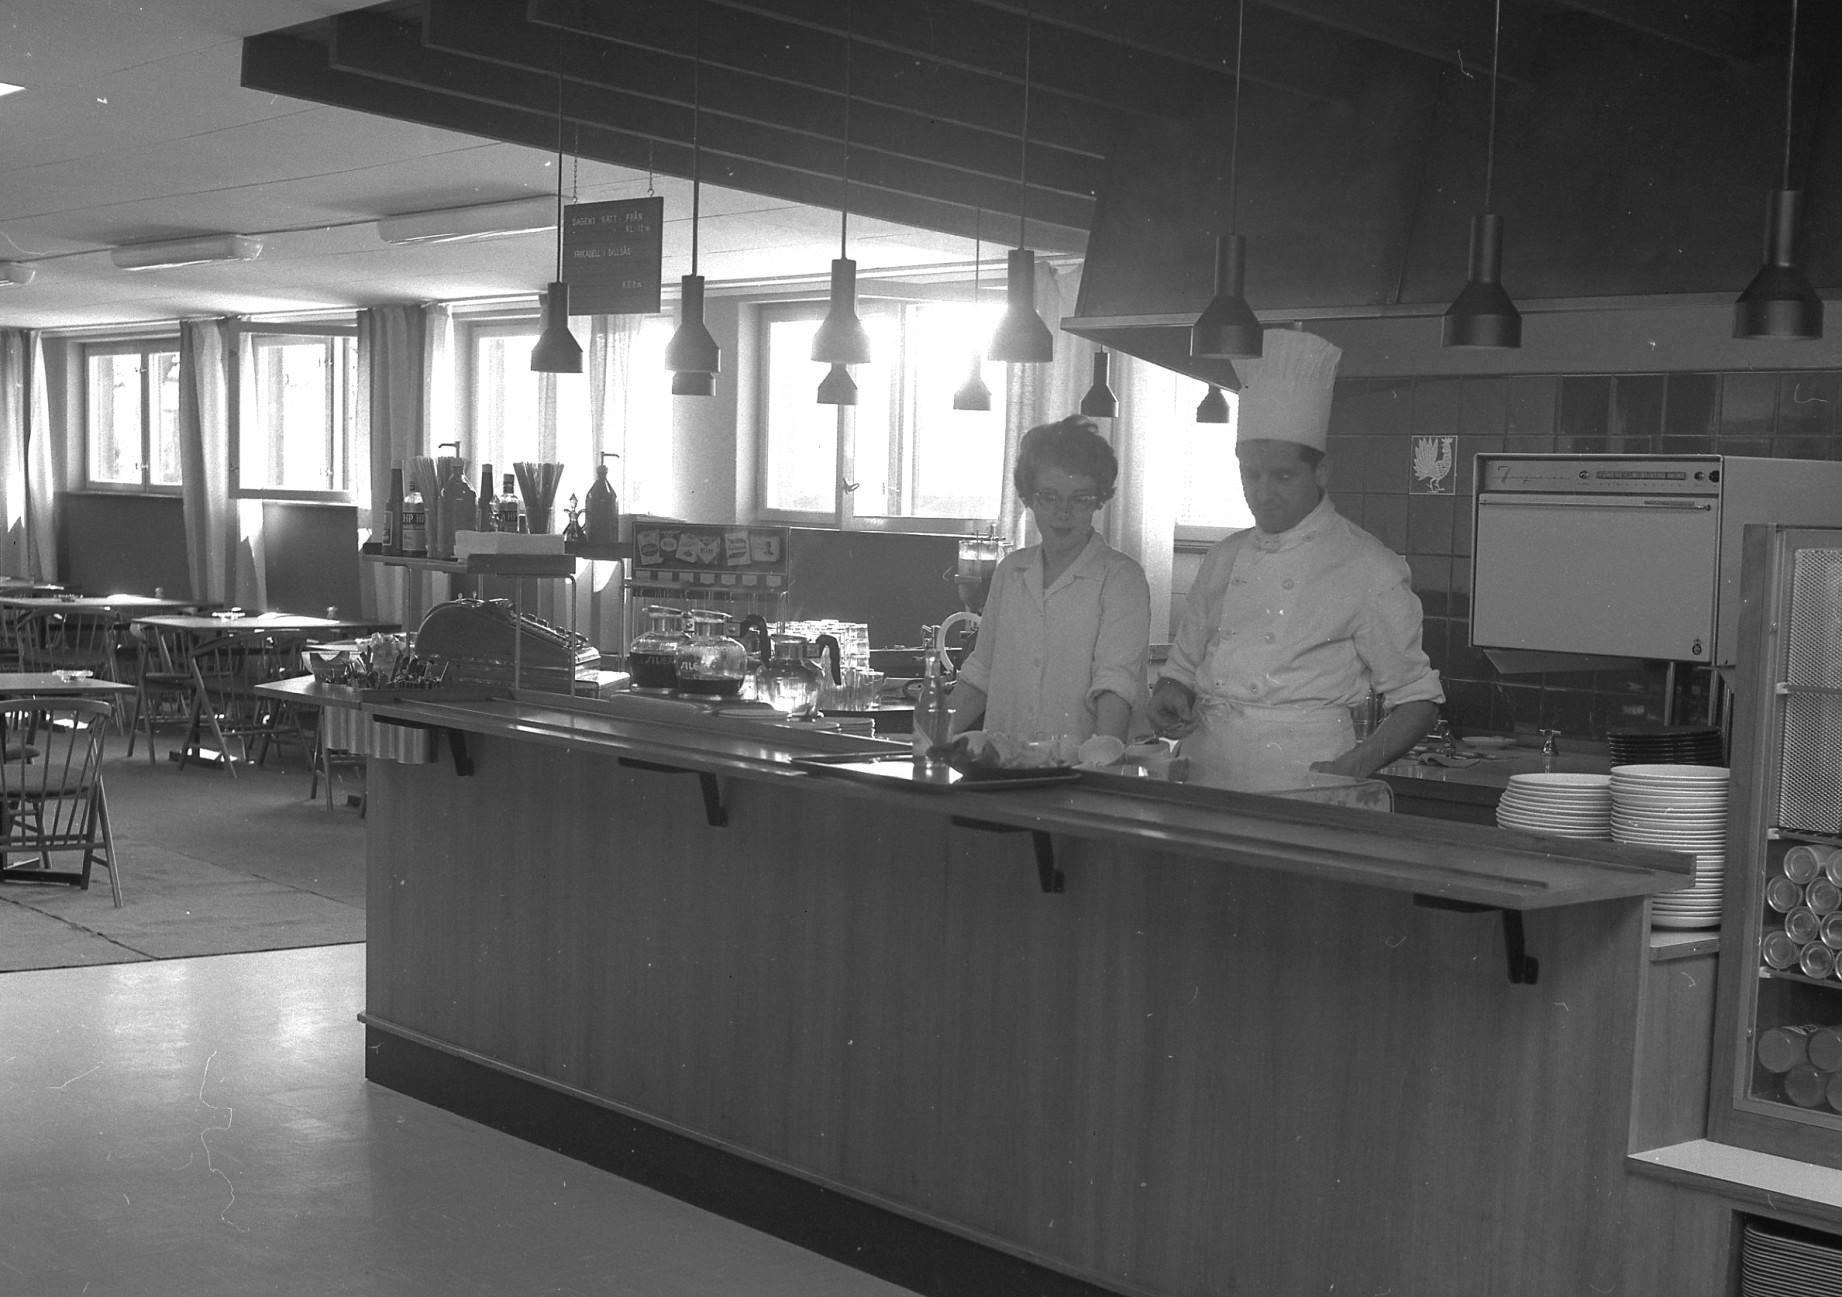 cafeteria-ikea-2.jpg